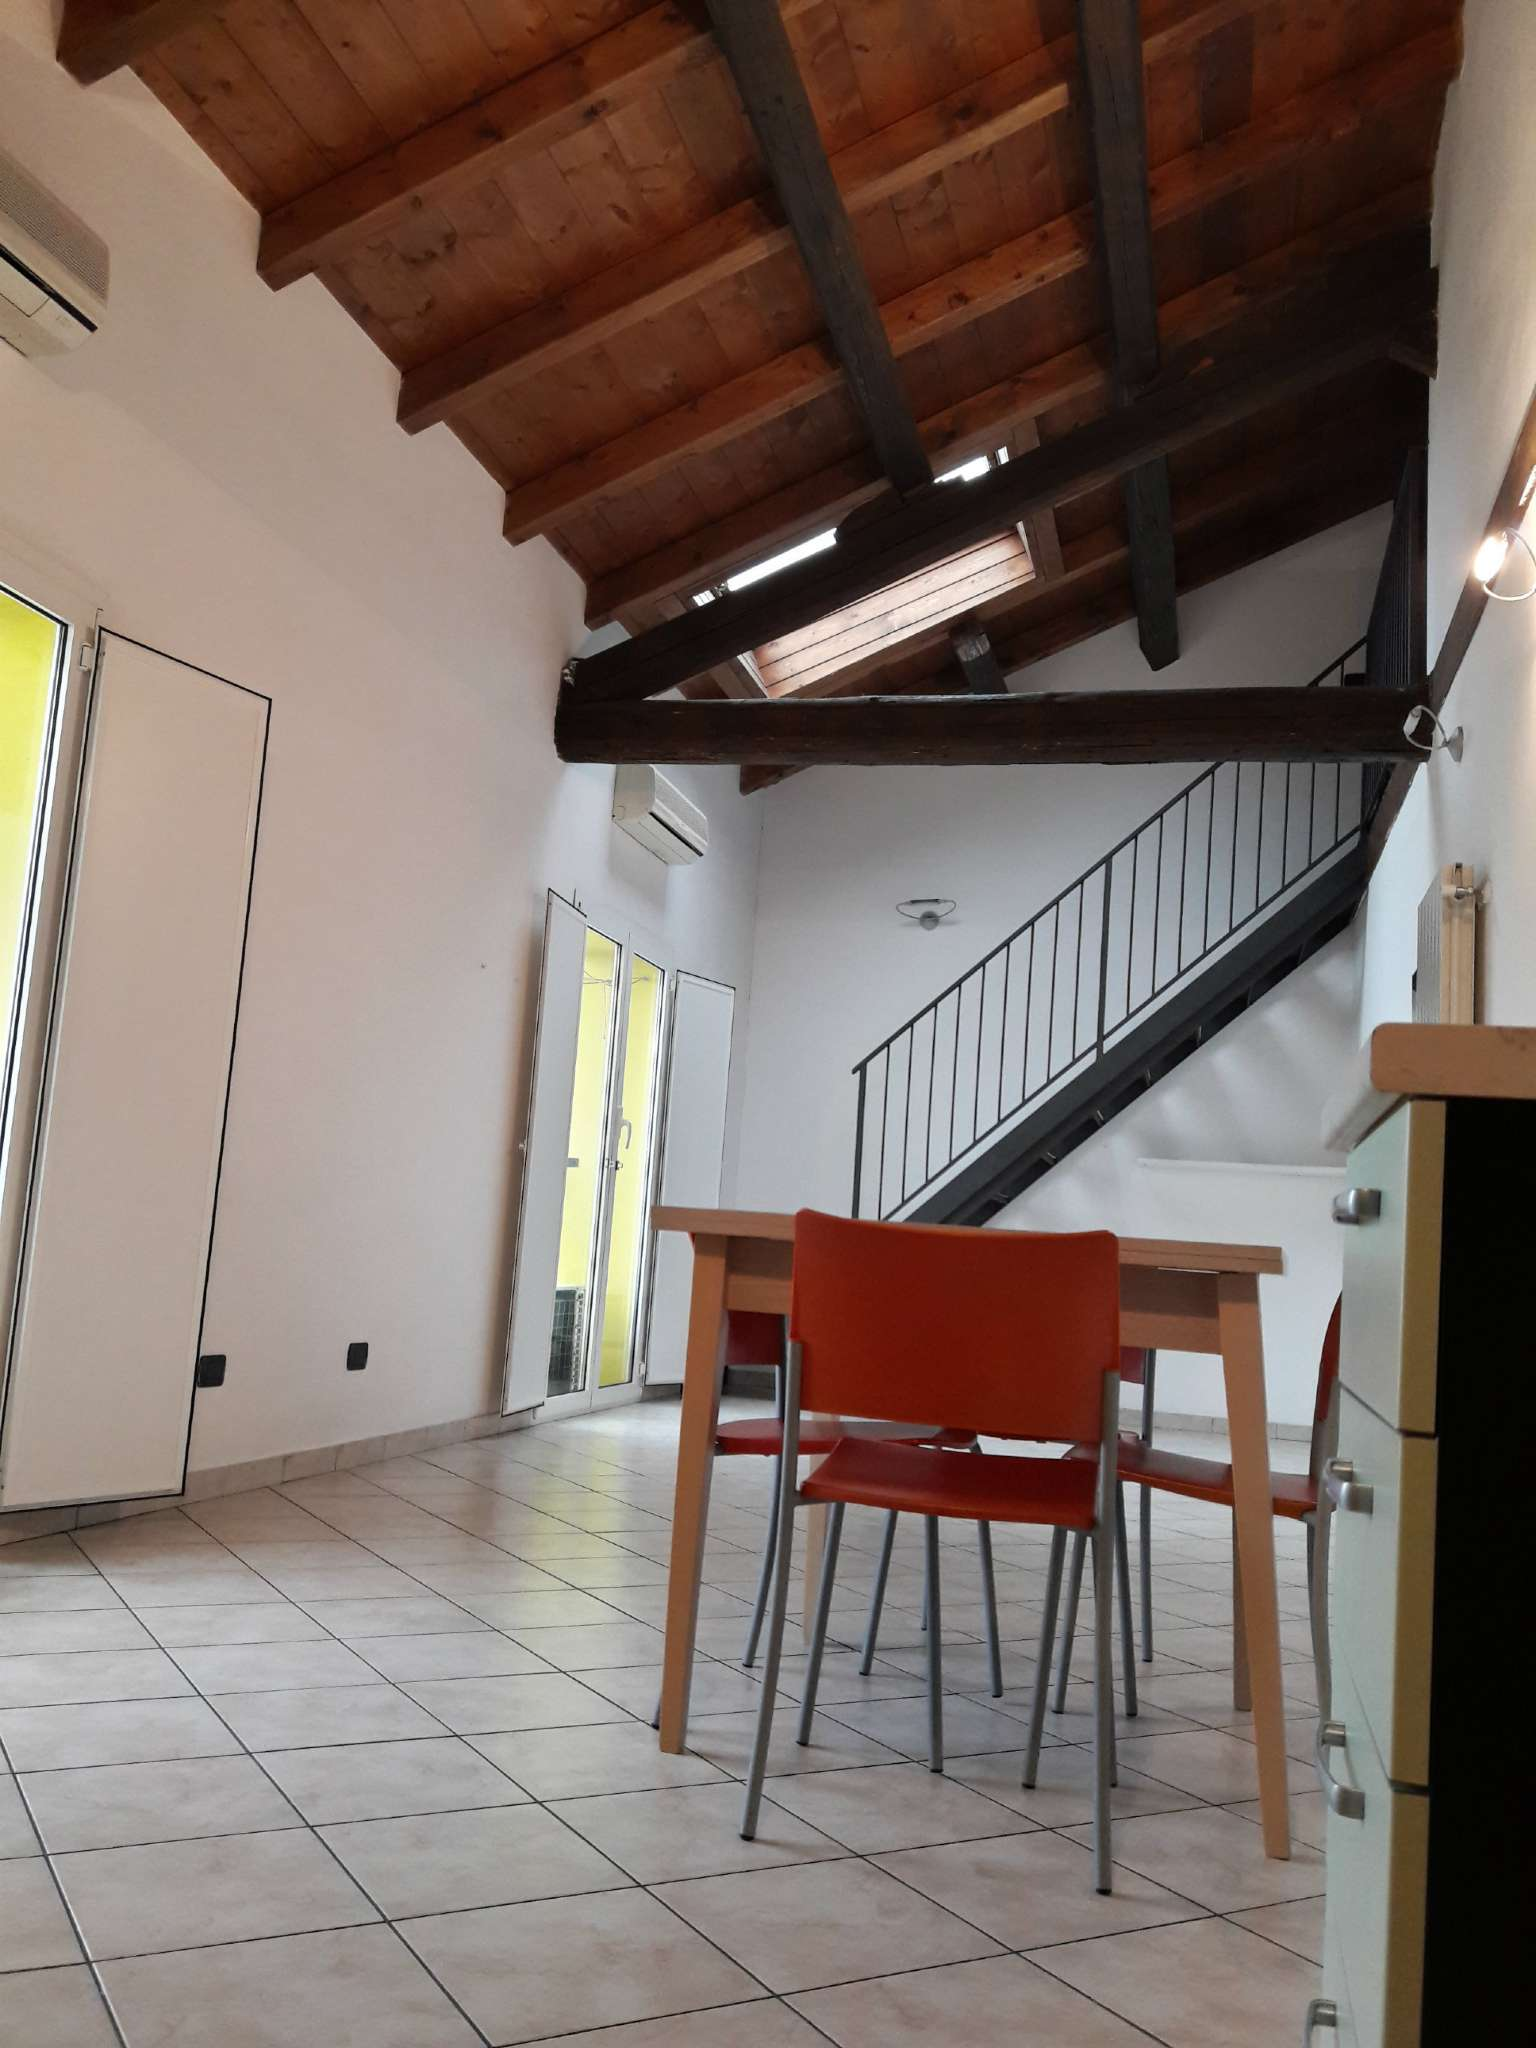 Appartamento in affitto a Lentate sul Seveso, 2 locali, prezzo € 470 | Cambio Casa.it